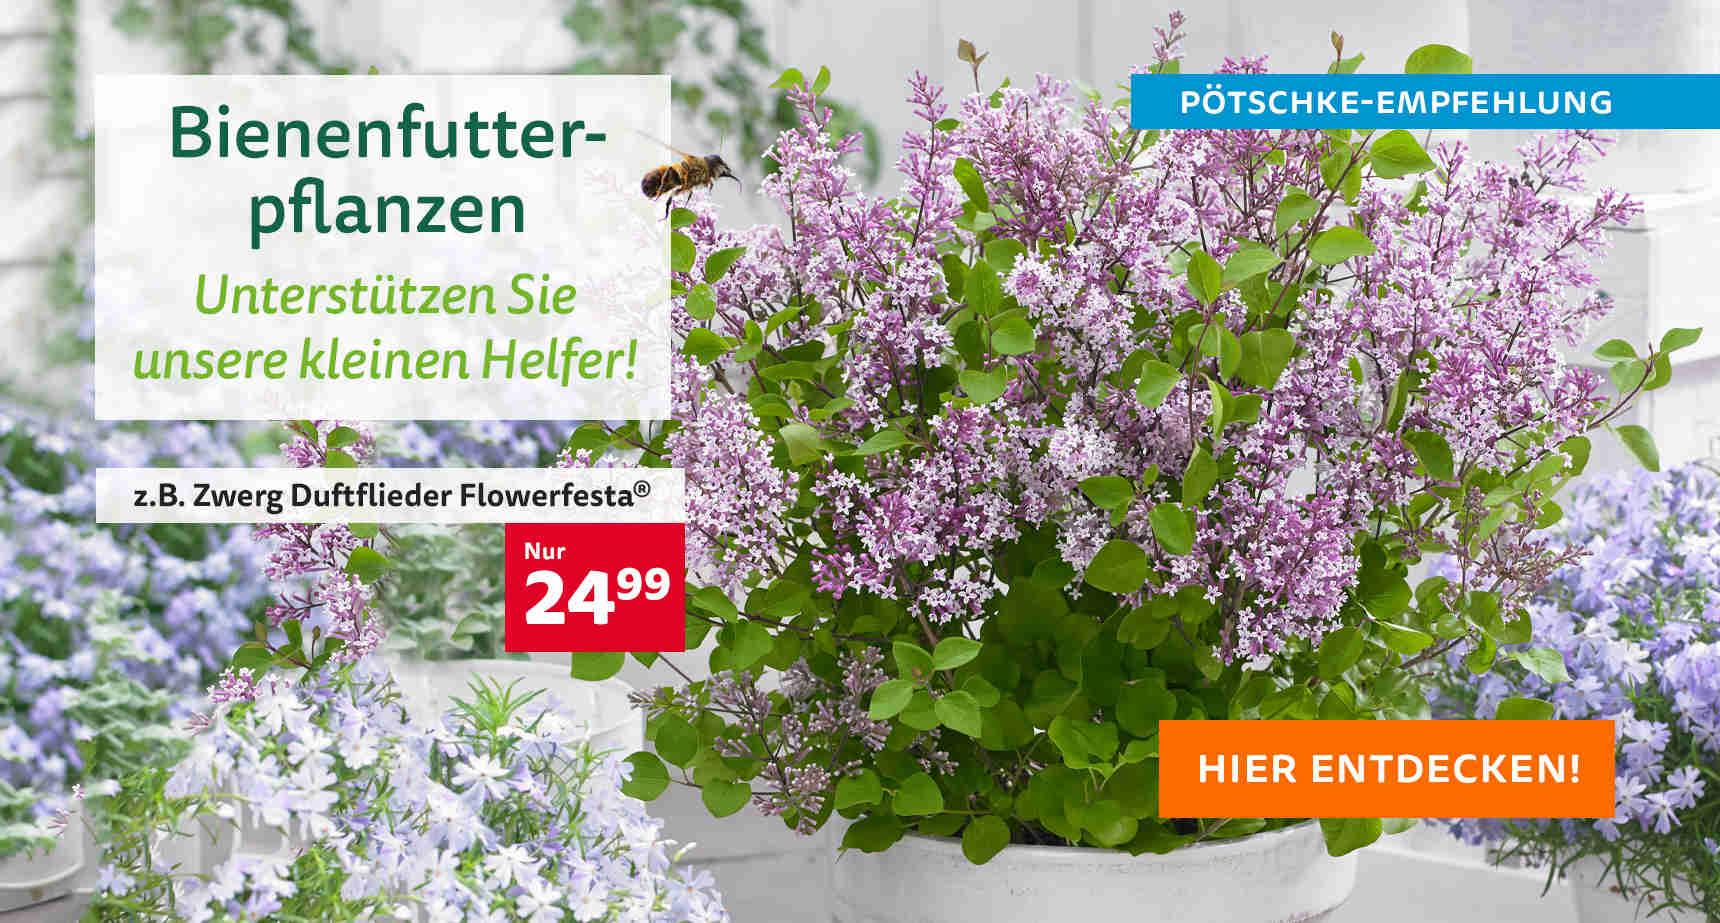 +++ (1) Bienenfutterpflanzen +++ - 3